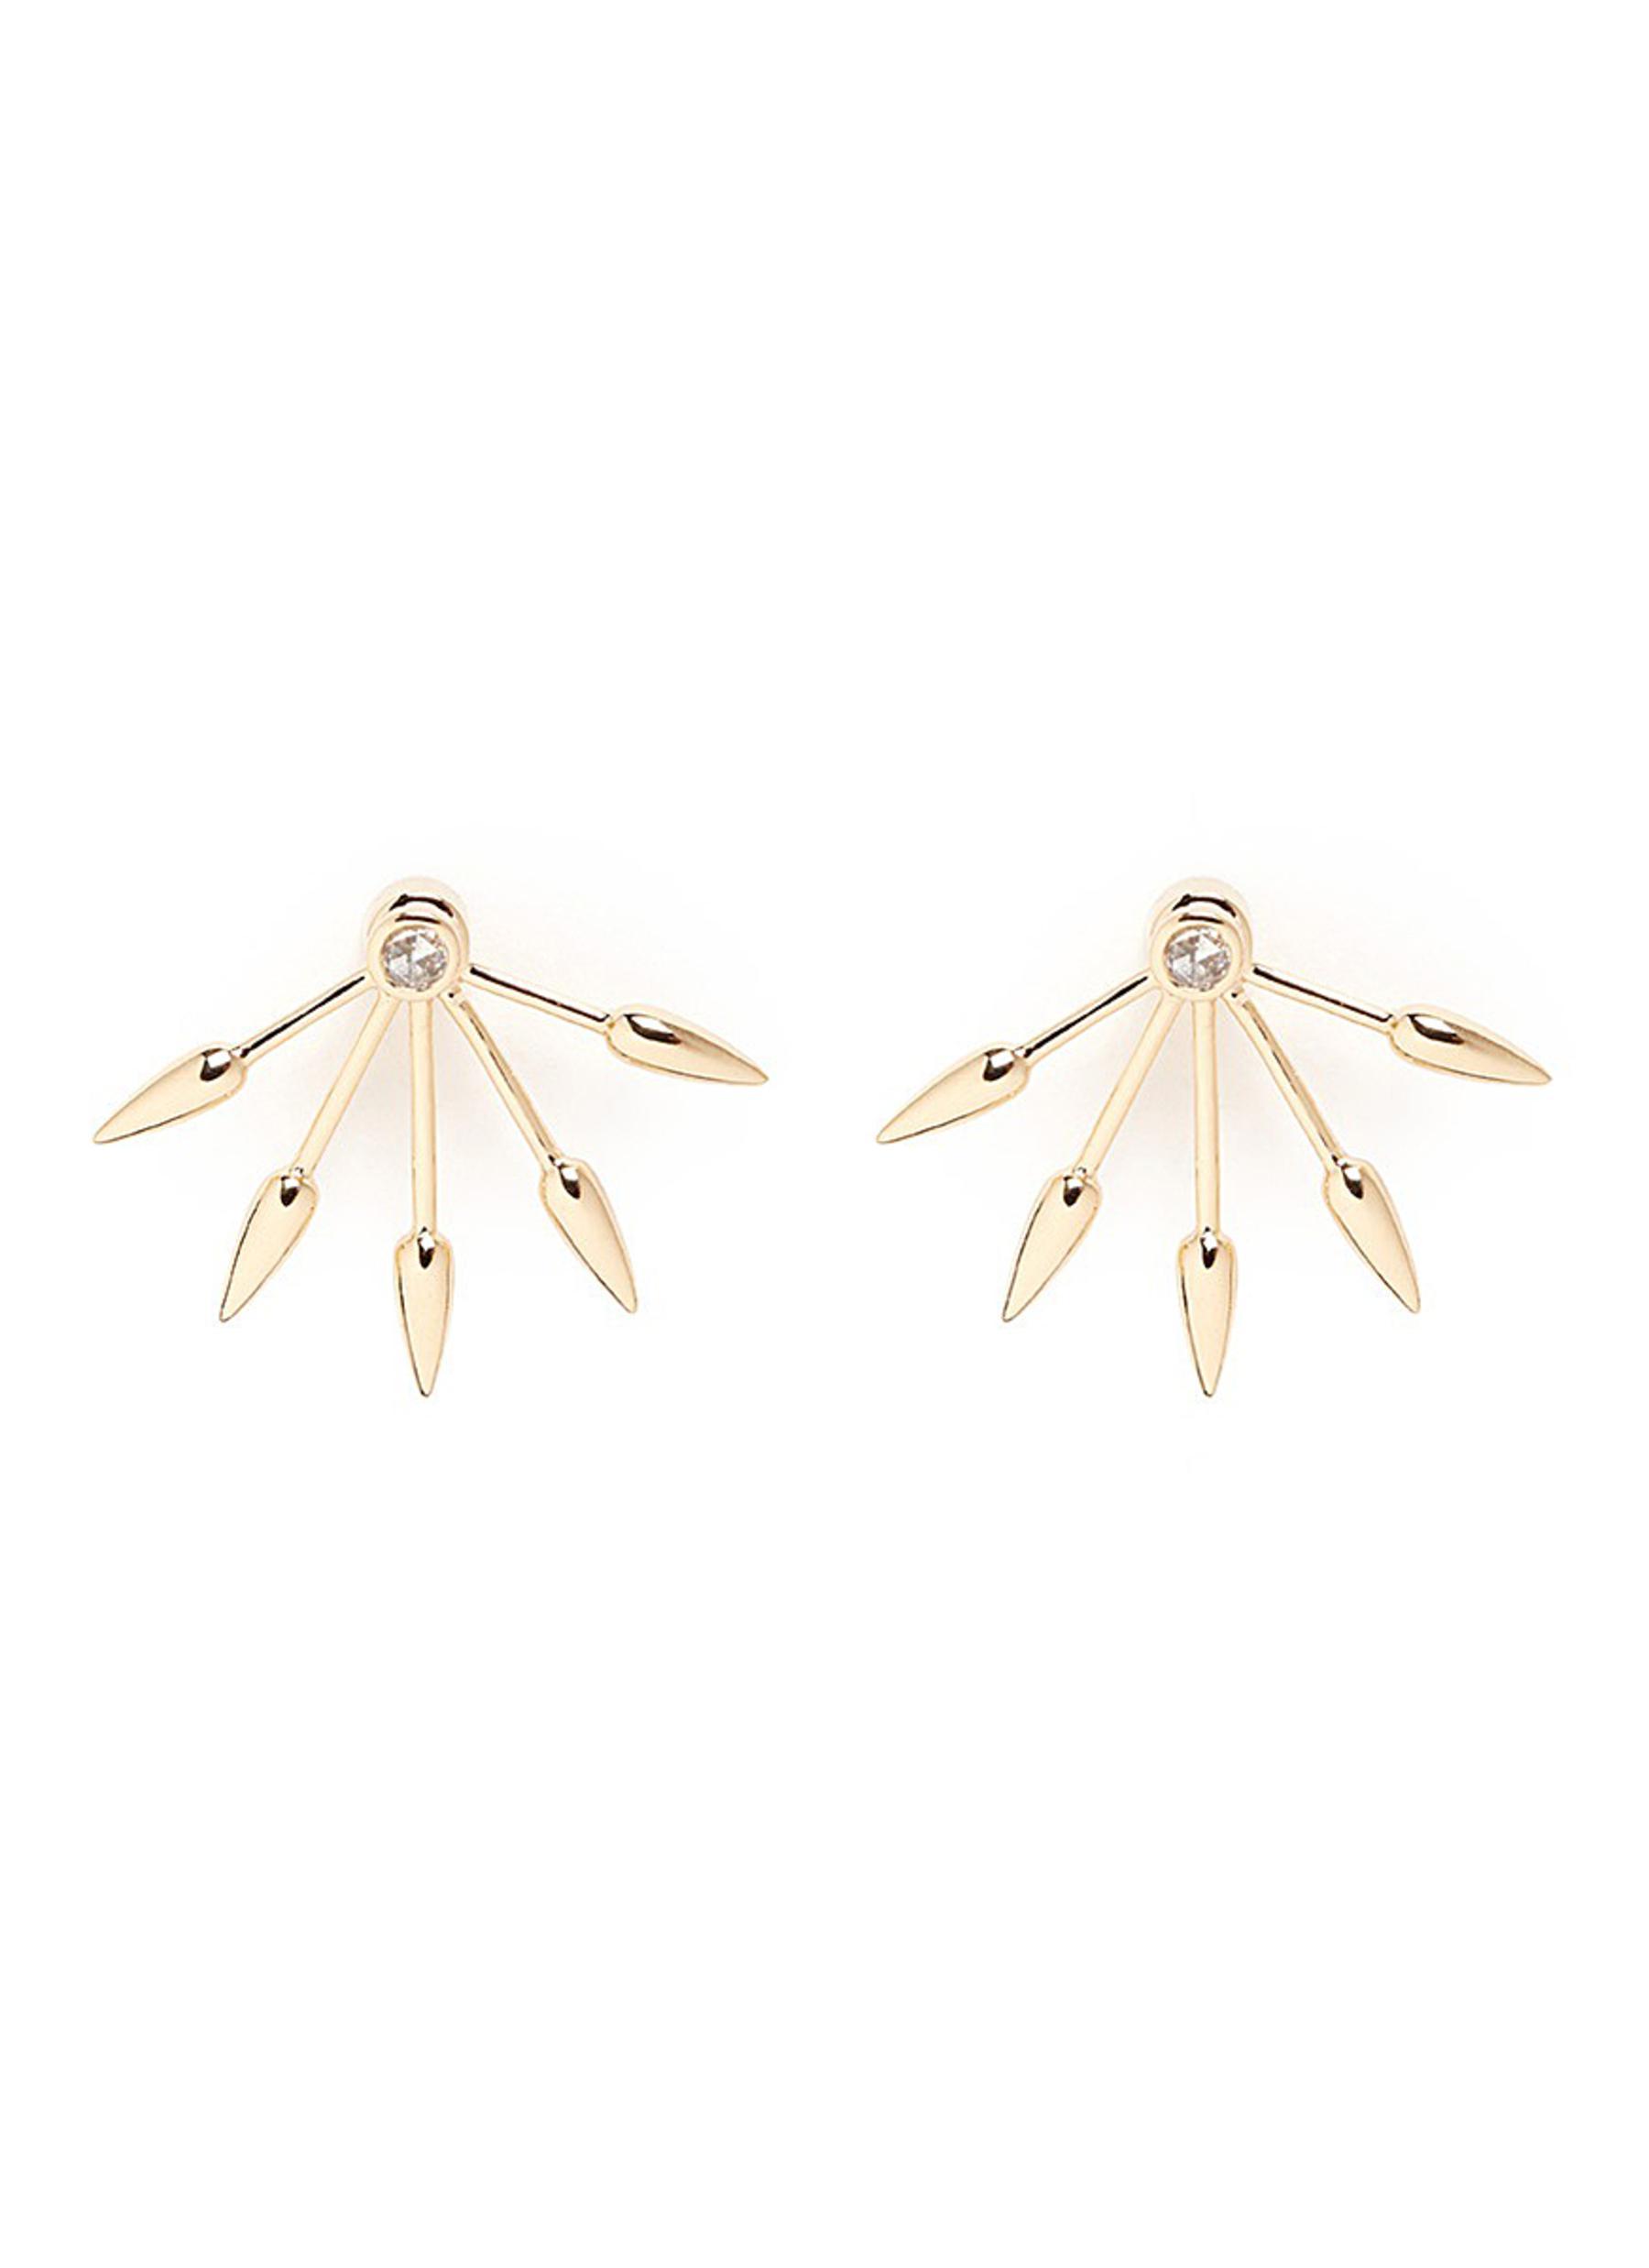 5 Spike diamond 18k yellow gold fan earrings by Pamela Love